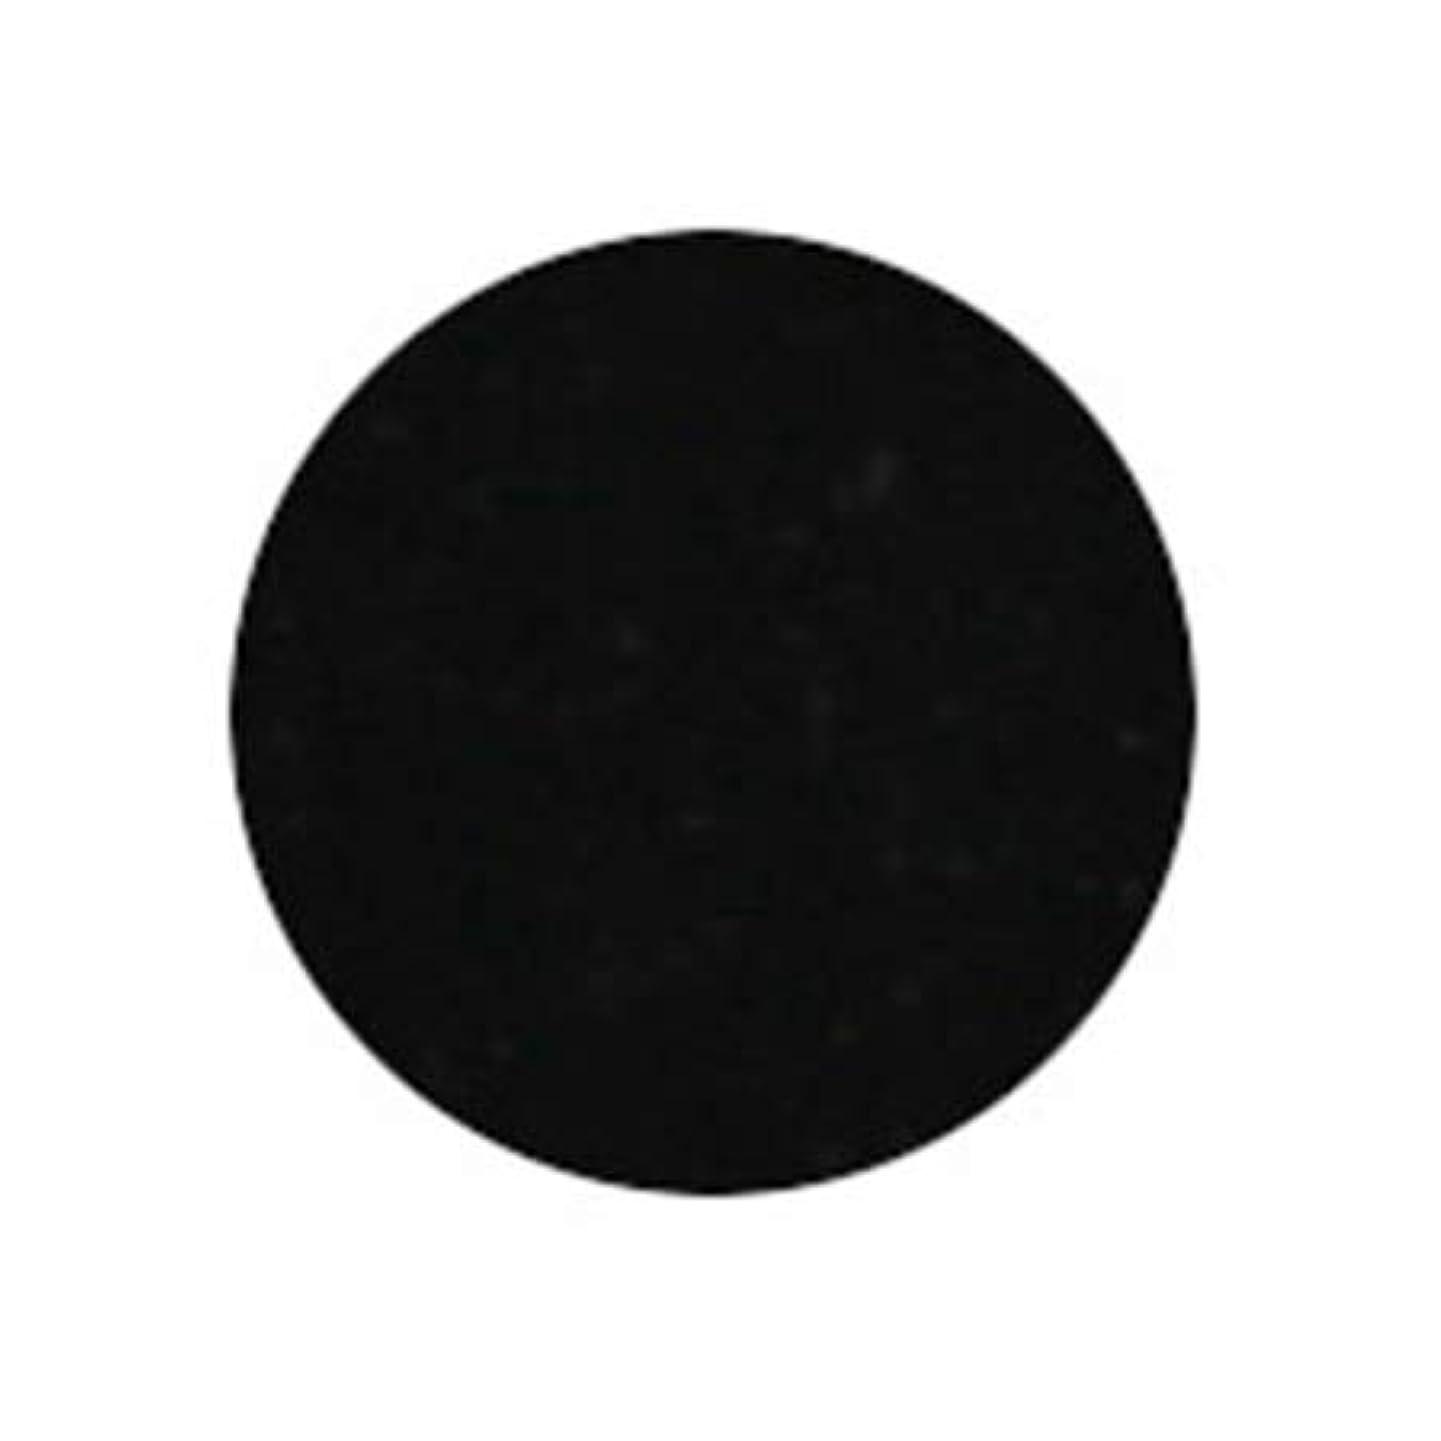 倉庫ポゴスティックジャンプ反逆者Putiel プティール カラージェル 501 ブラック 4g